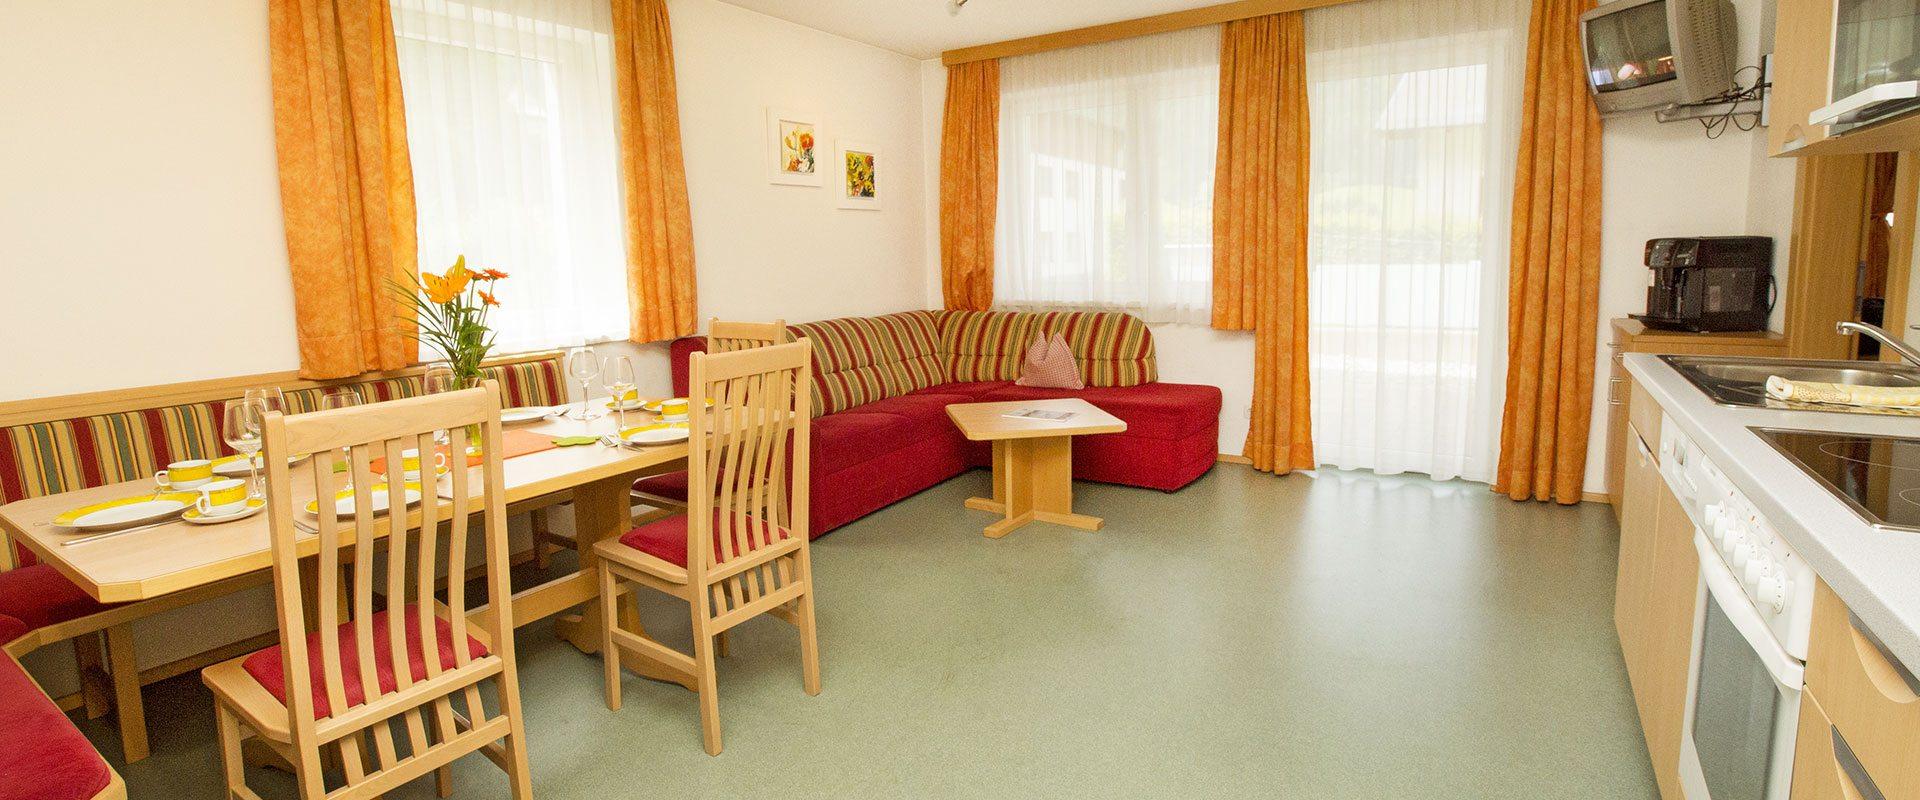 Kontakt & Anreise zum Appartements Sunrise in Flachau, Salzburger Land, Ski amadé